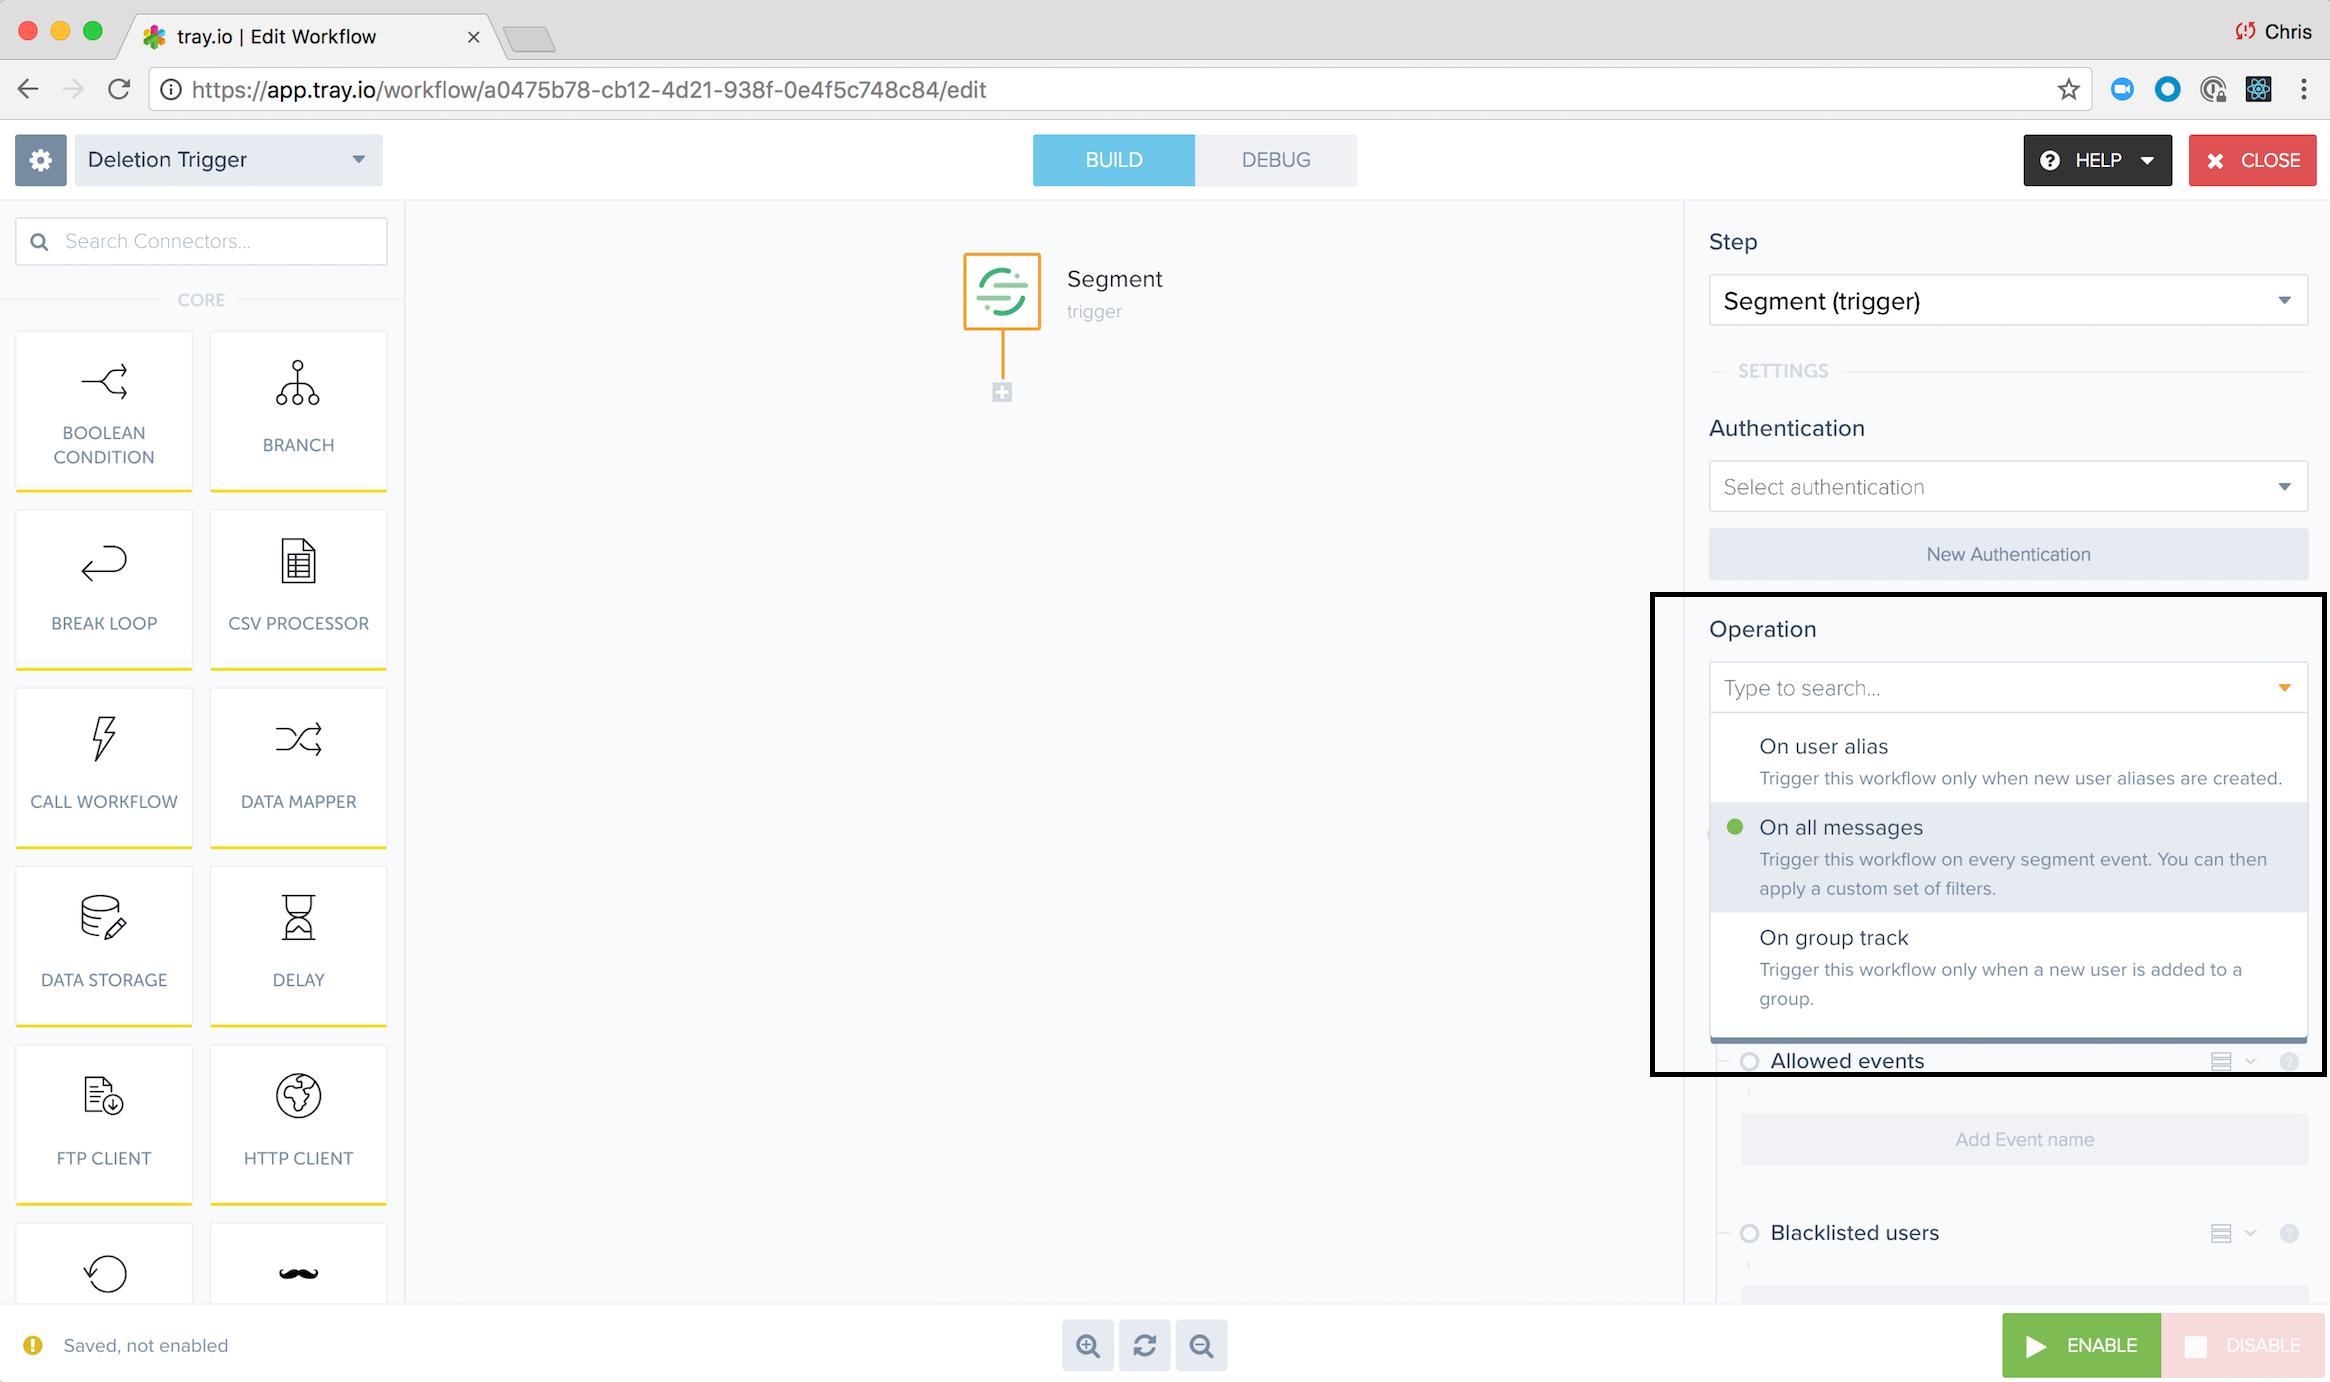 Tray.io Software - Tray.io build workflow